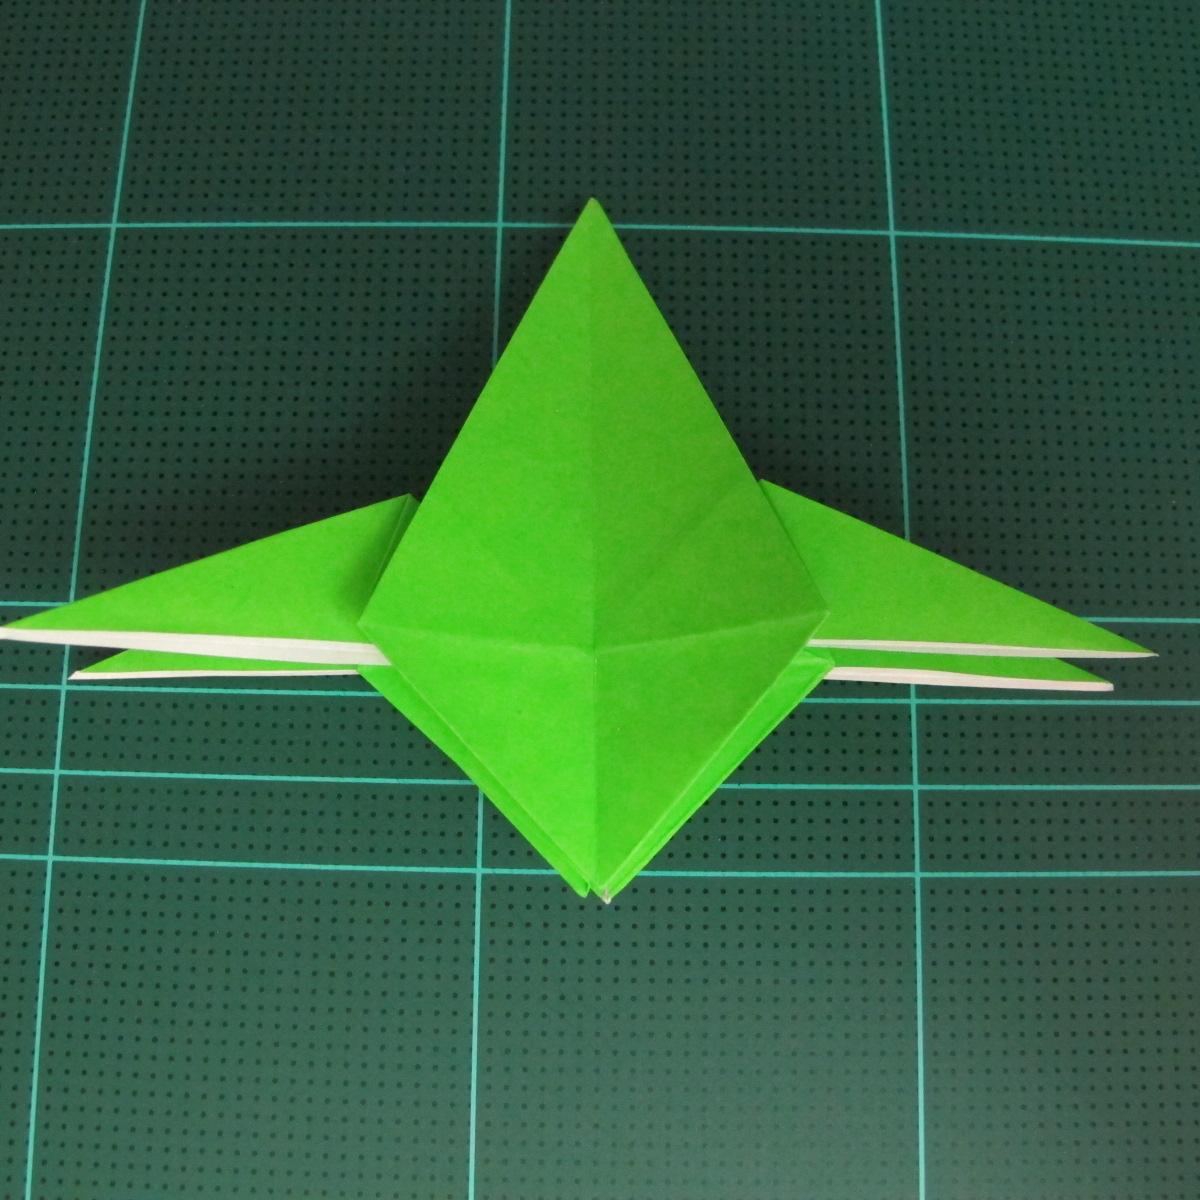 วิธีพับกระดาษเป็นจรวด X-WING สตาร์วอร์ (Origami X-WING) 025